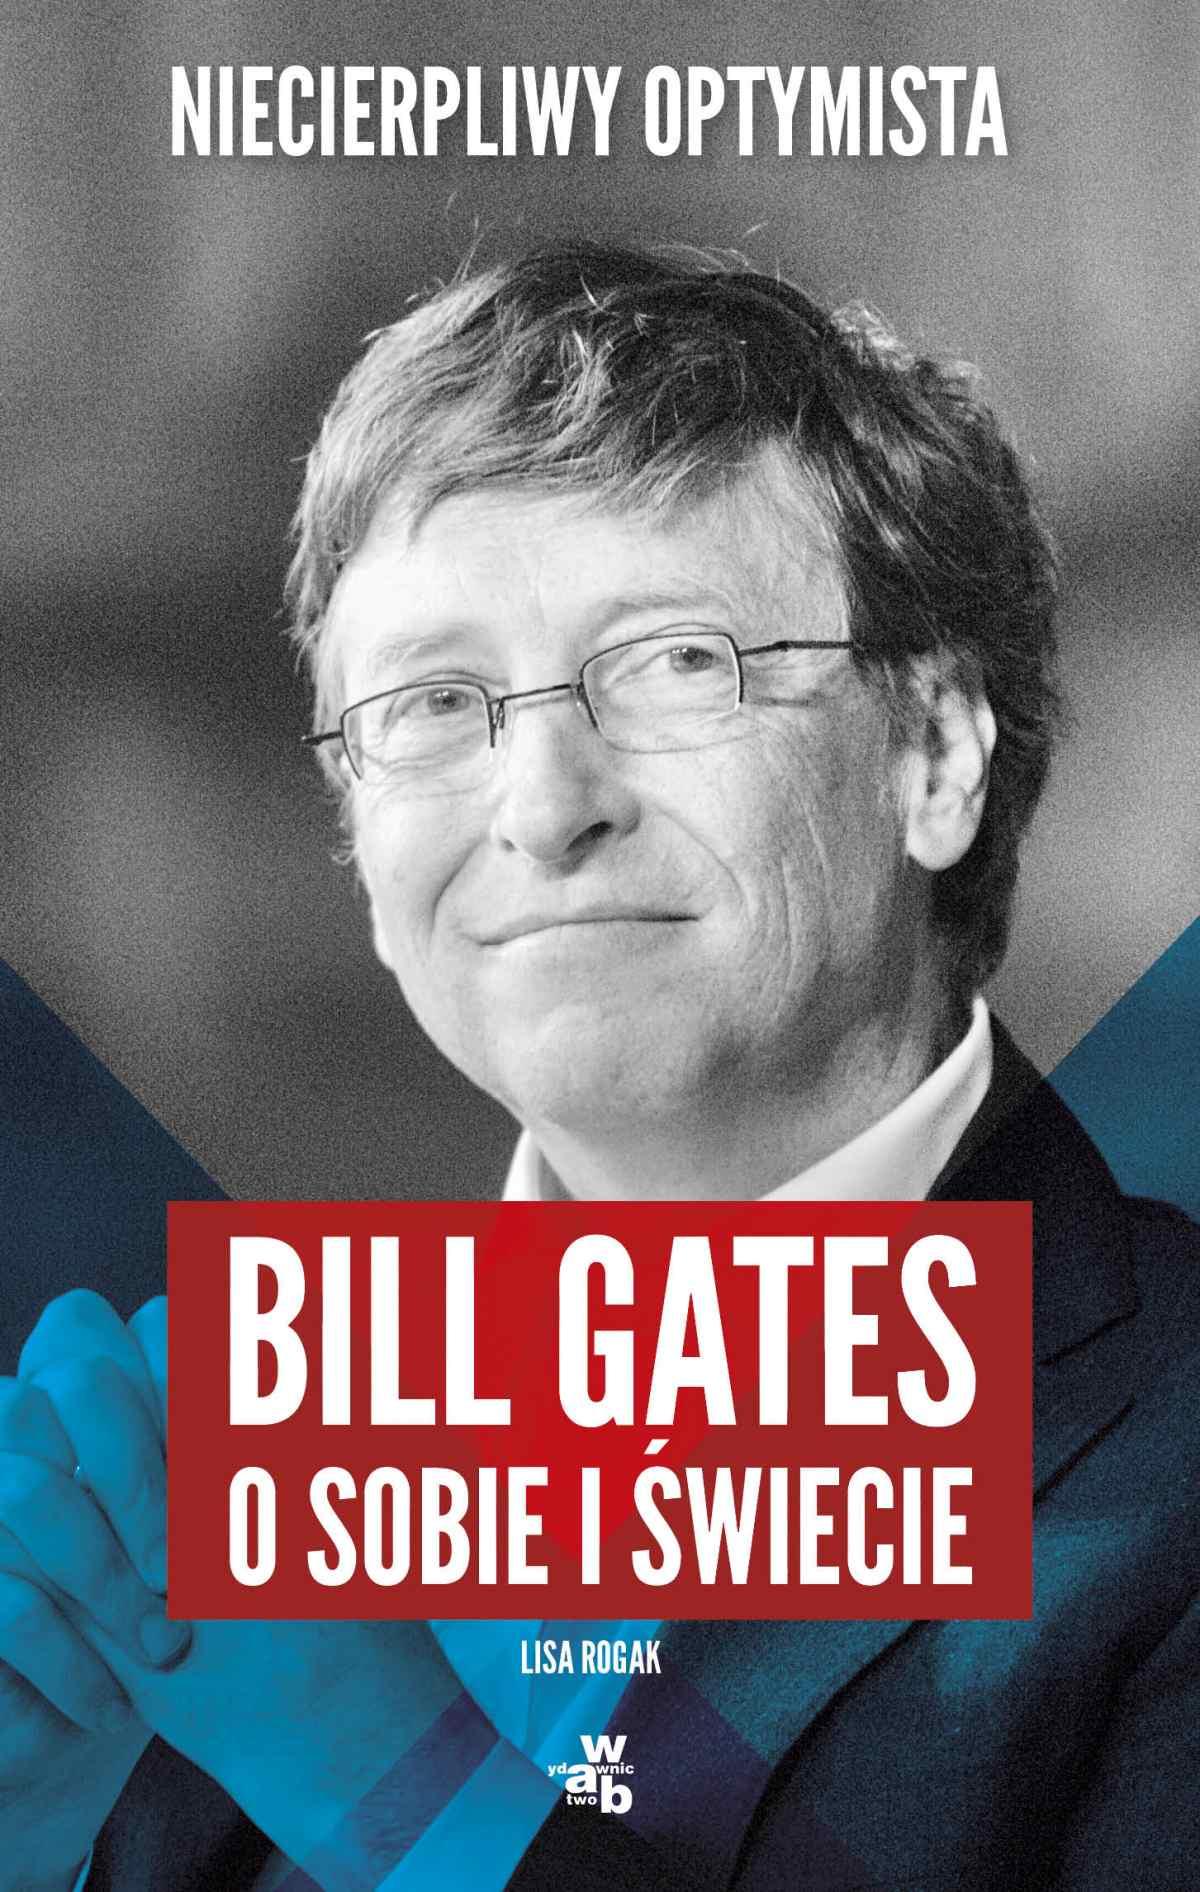 Niecierpliwy optymista. Bill Gates o sobie i świecie - Lisa Rogak